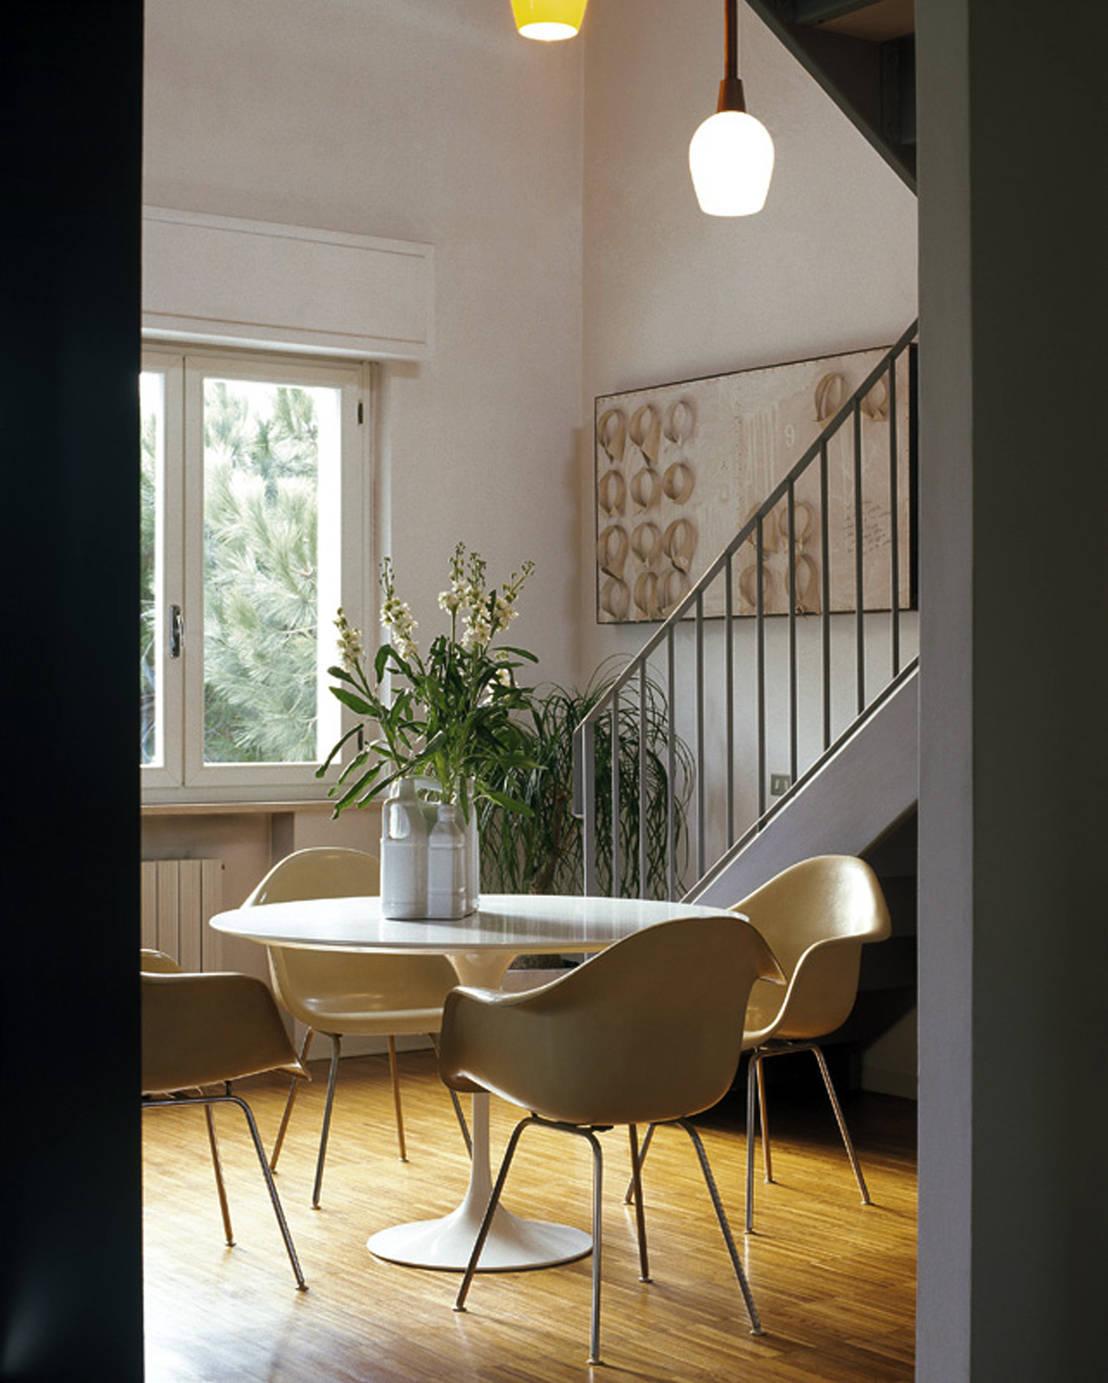 Una casa vintage come arredare con mobili in stile retr for Arredare con stile